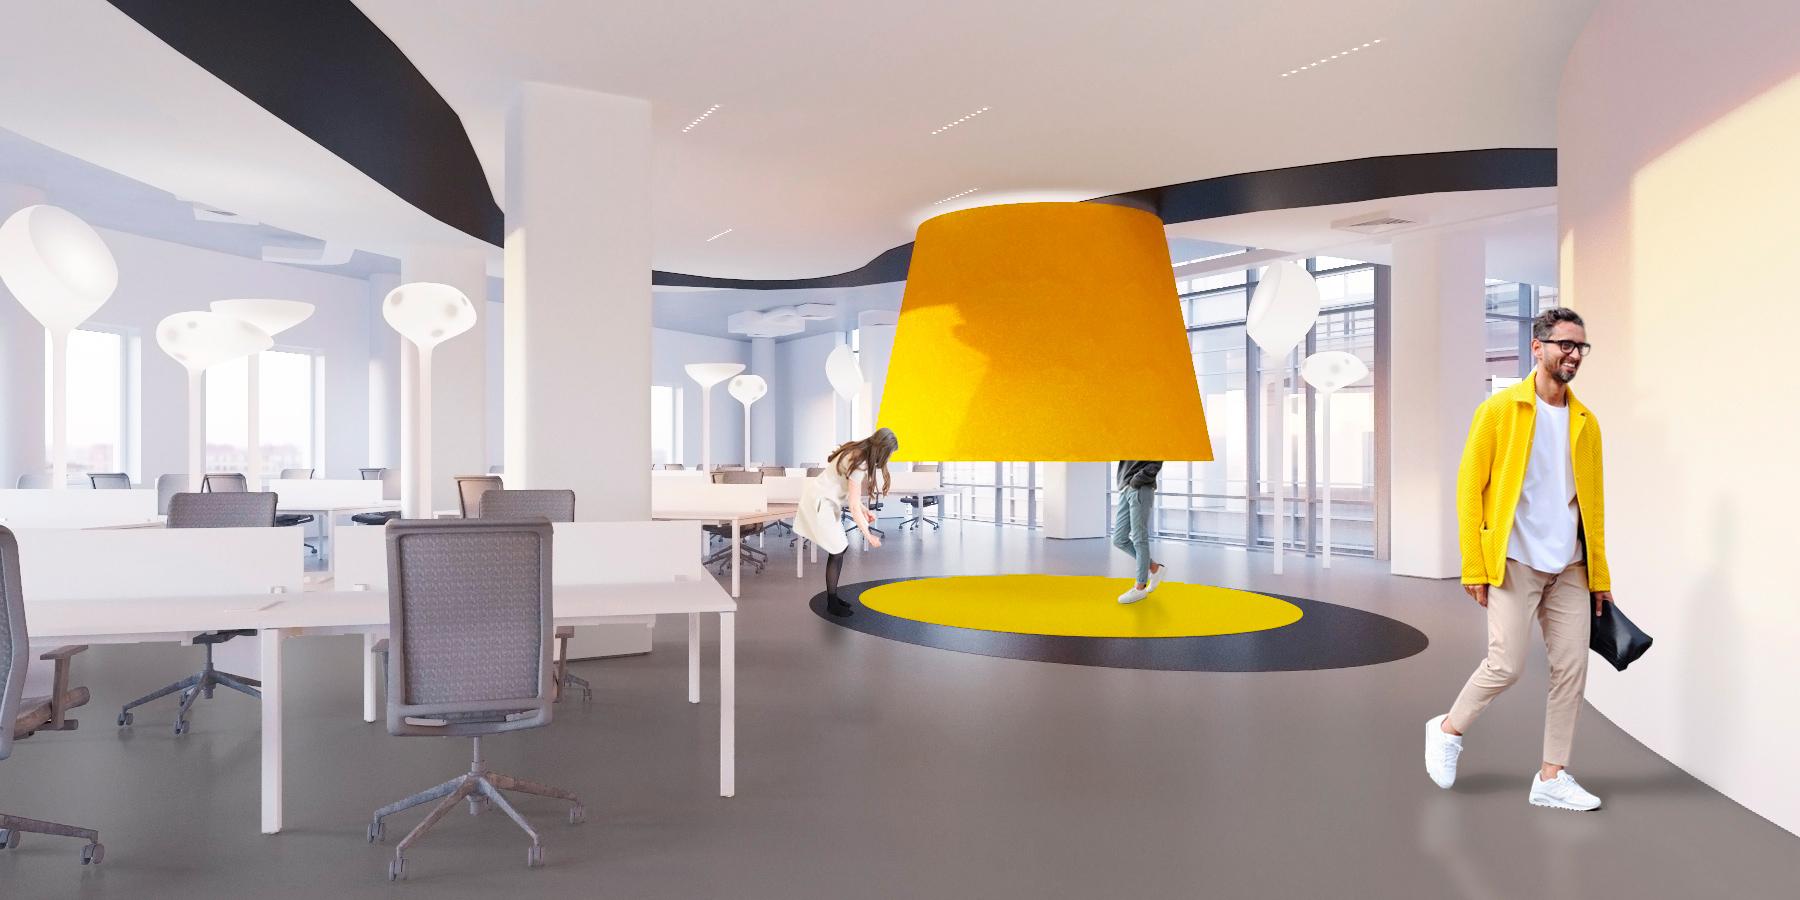 Находка дизайнеров — стендап-переговорная: рабочие встречи здесь проходят стоя под куполом